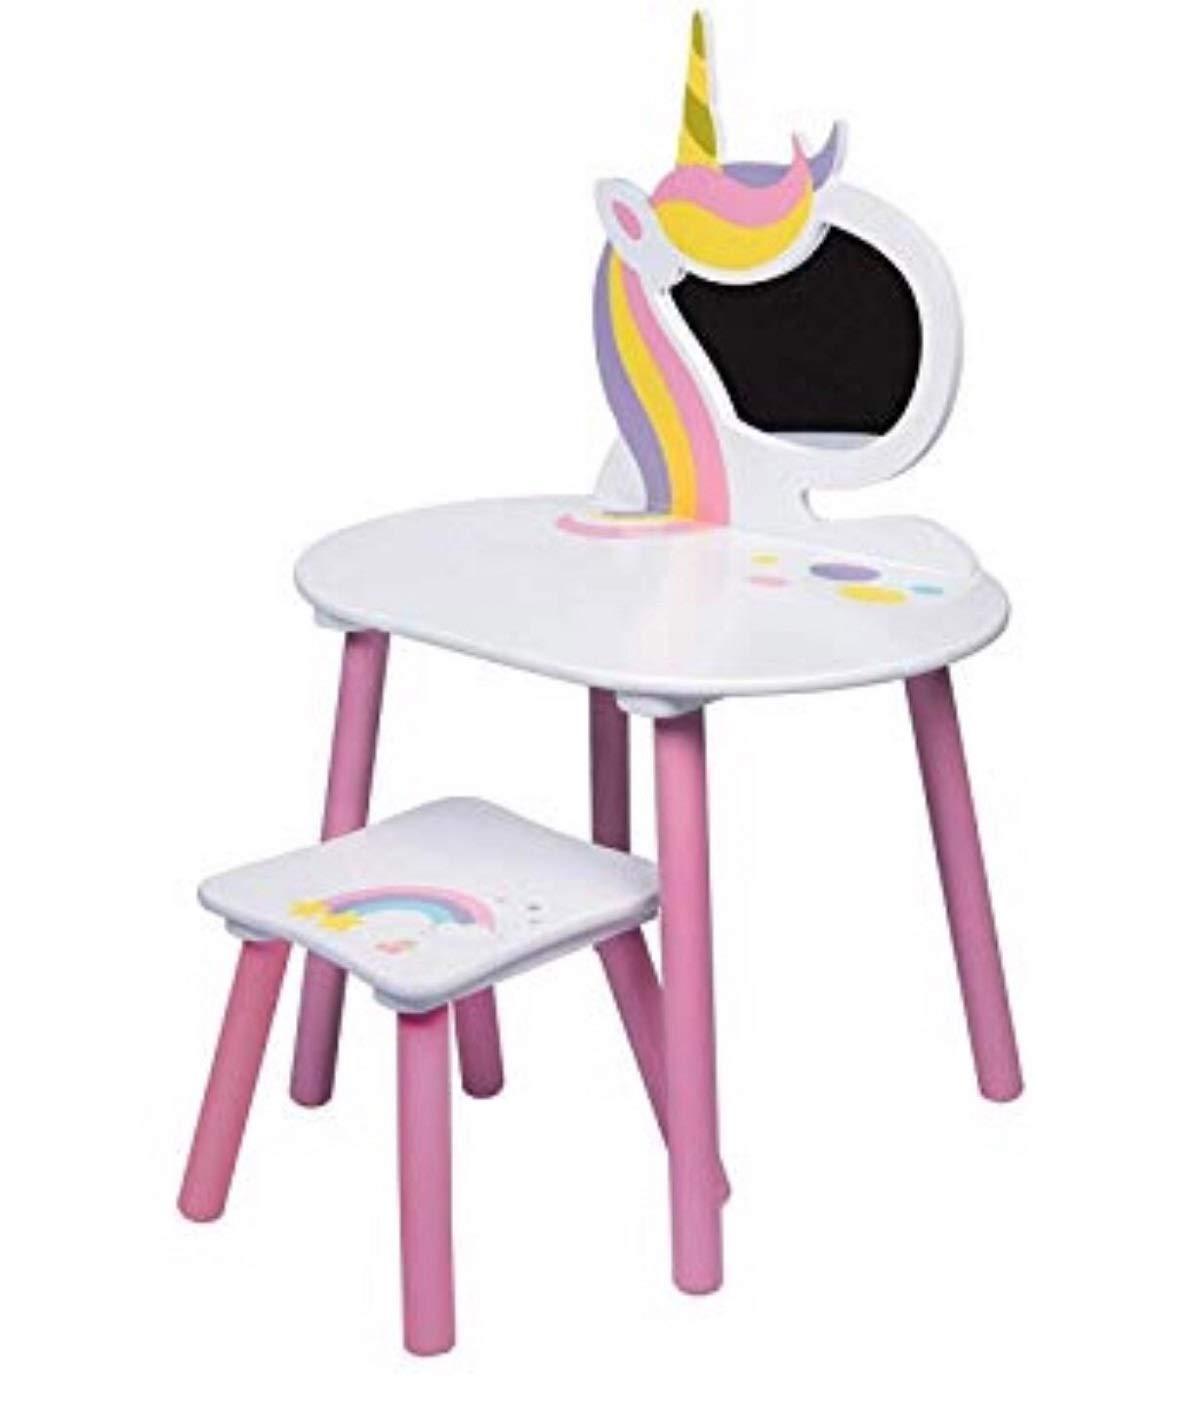 Amazon.com: Unicorn Childrens Bedroom Vanity Set with Stool ...